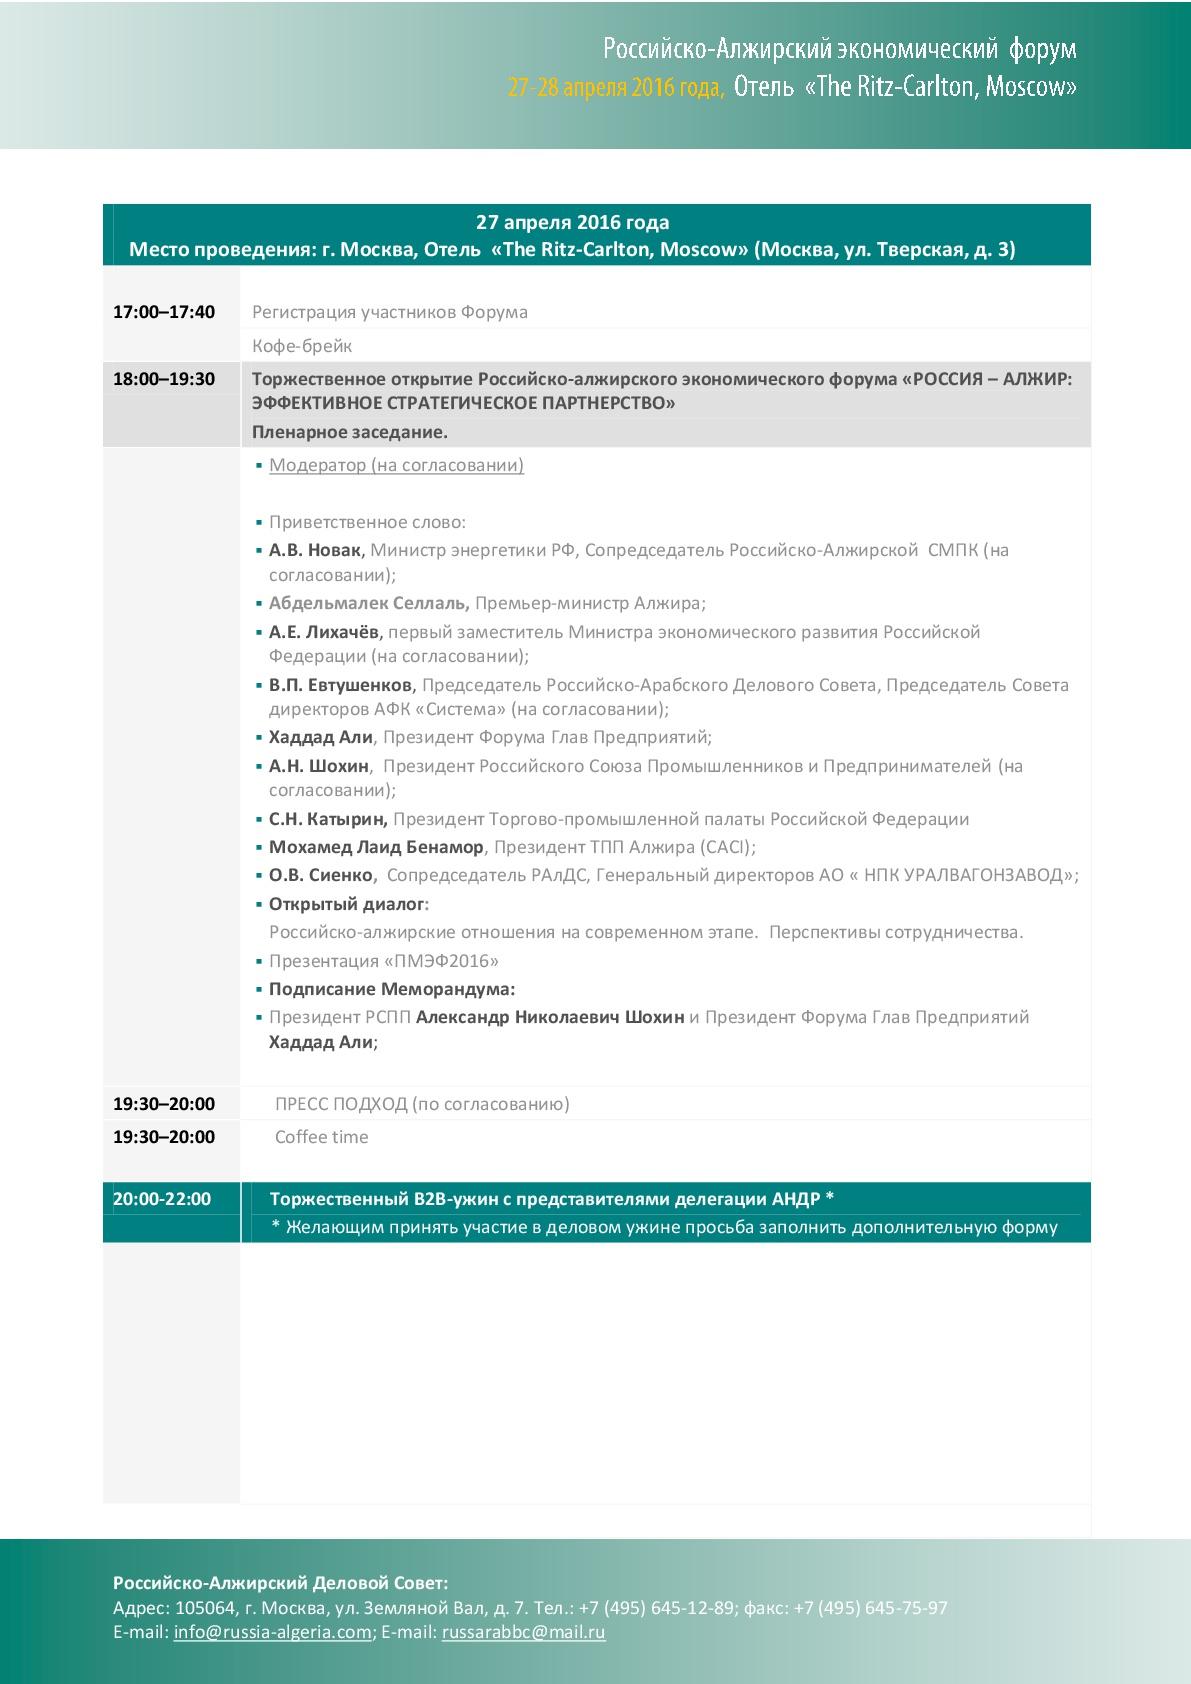 العلاقات الجزائرية الروسية - صفحة 3 26617366761_f2002204b9_o